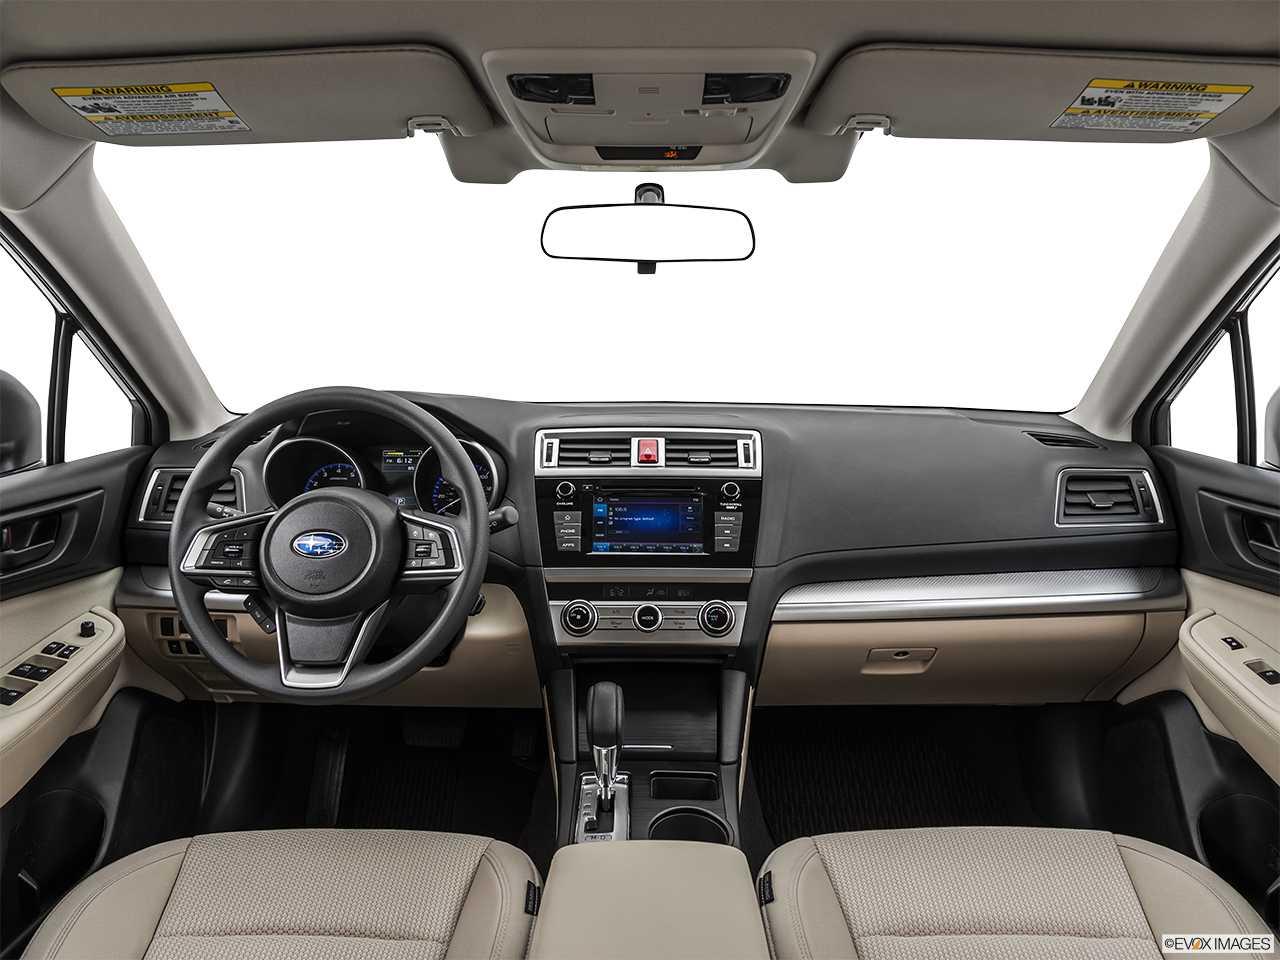 Субару обновил свой самый популярный кроссовер Новый Subaru Outback 7 поколения официально представили в Нью Йорке